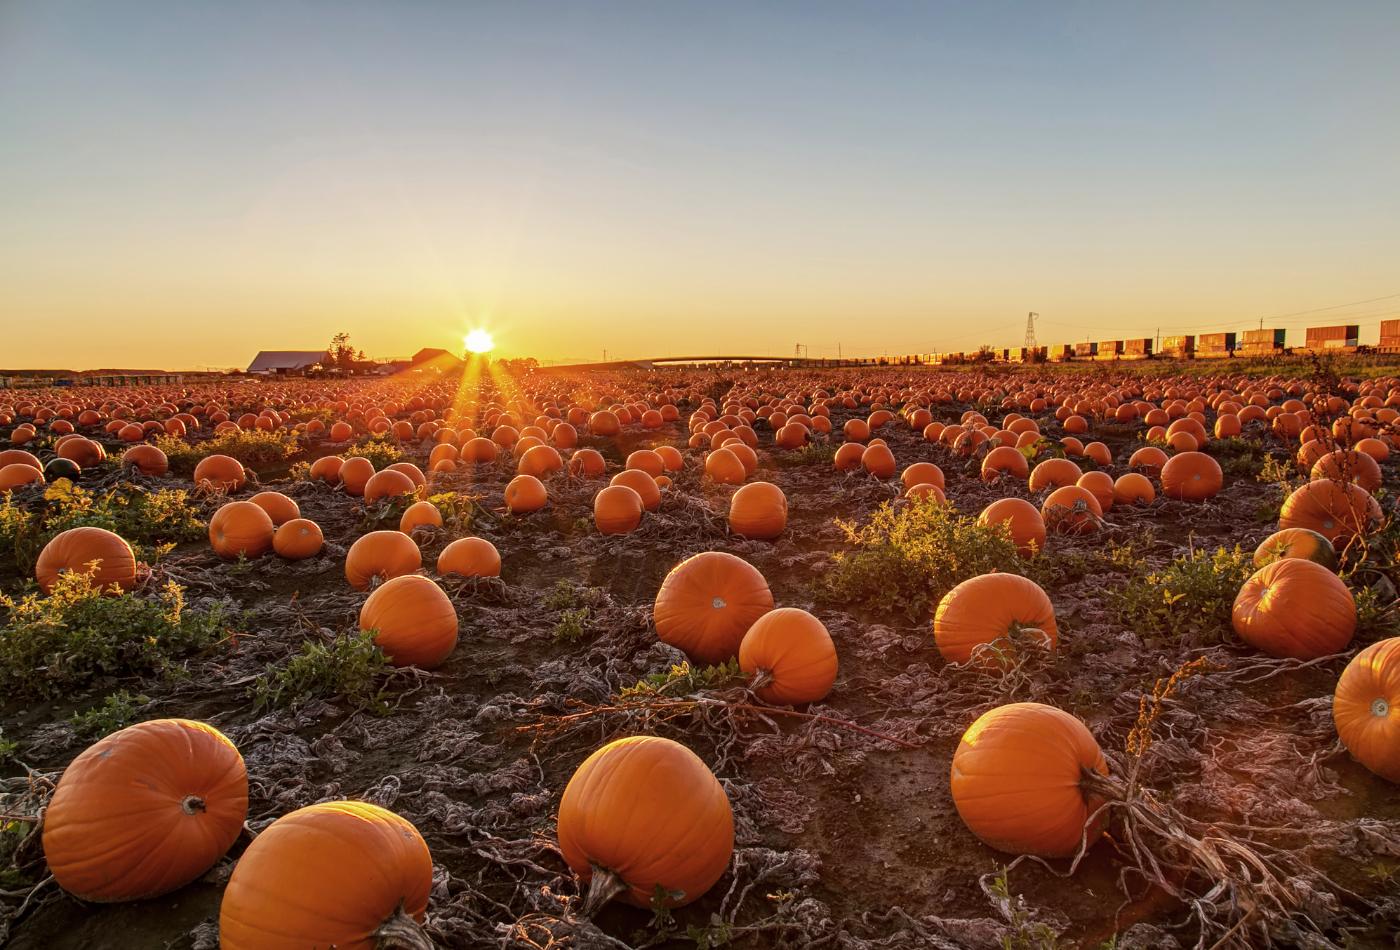 pumpkin field at sunset.